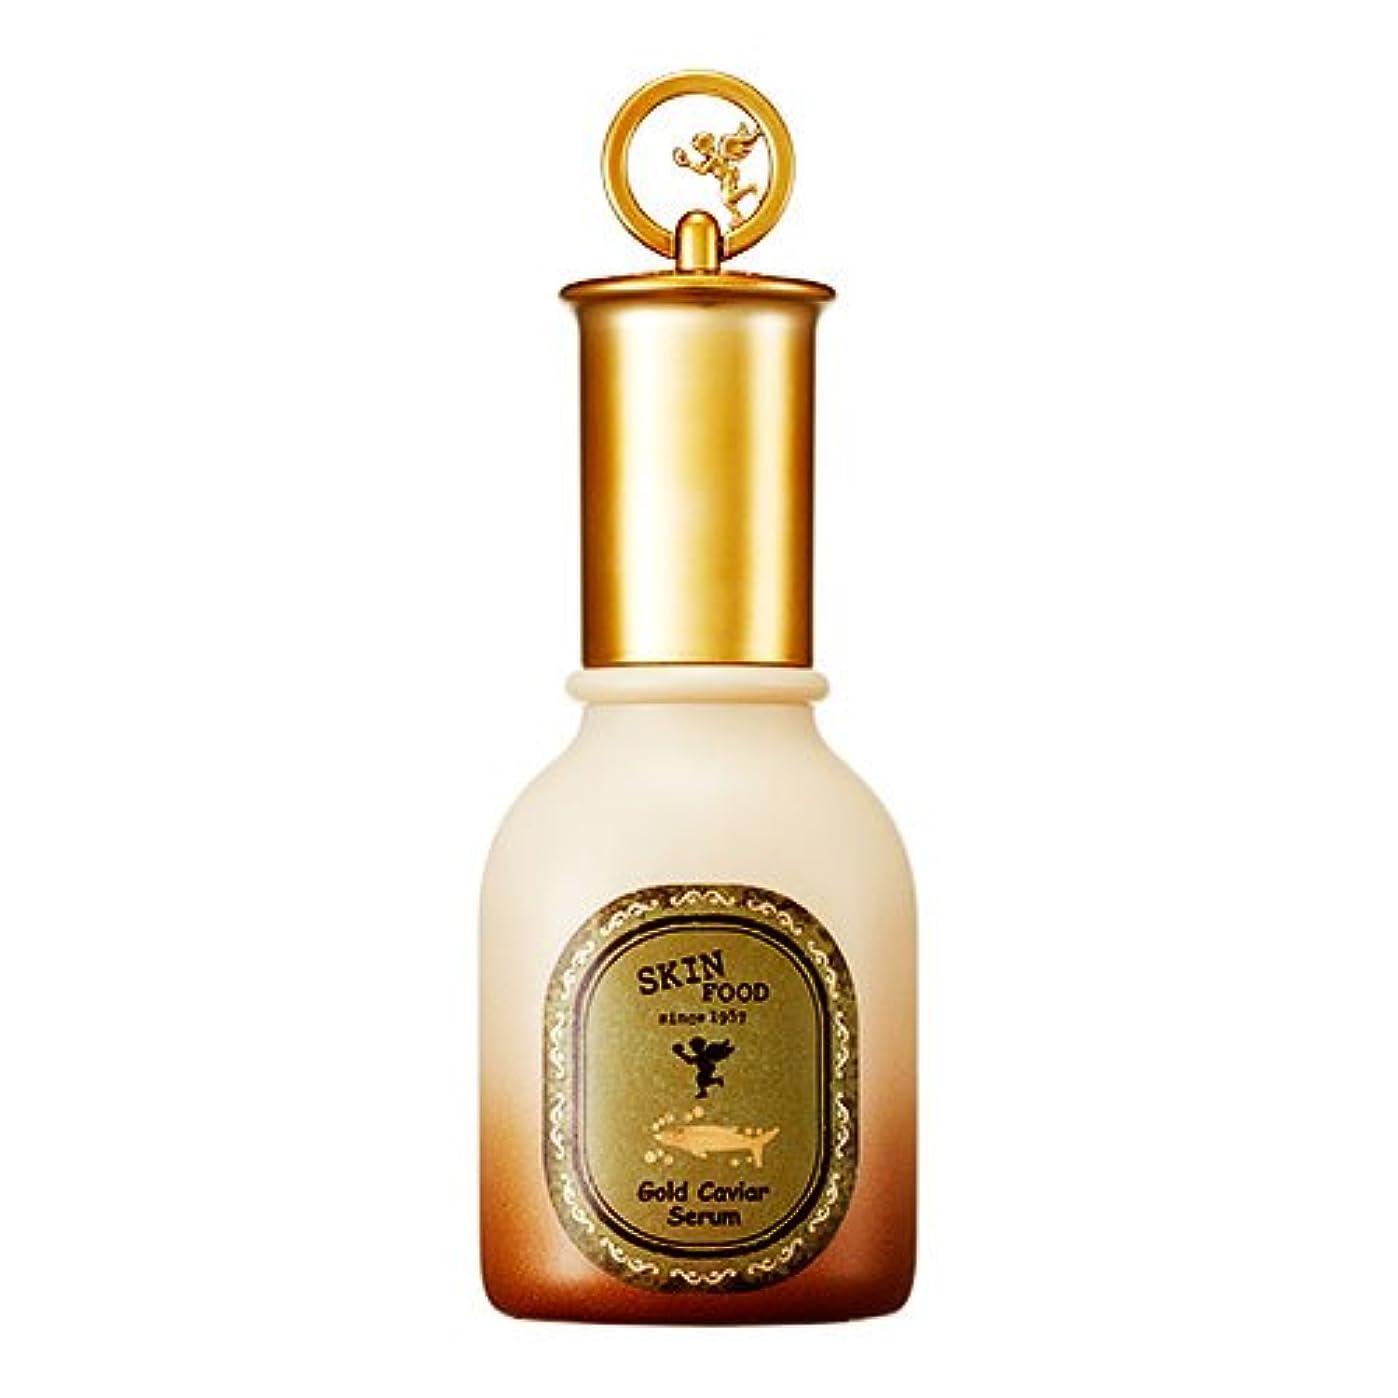 欠席ベイビー矛盾するSkinfood ゴールドキャビアセラム(しわケア) / Gold Caviar Serum (wrinkle care) 45ml [並行輸入品]